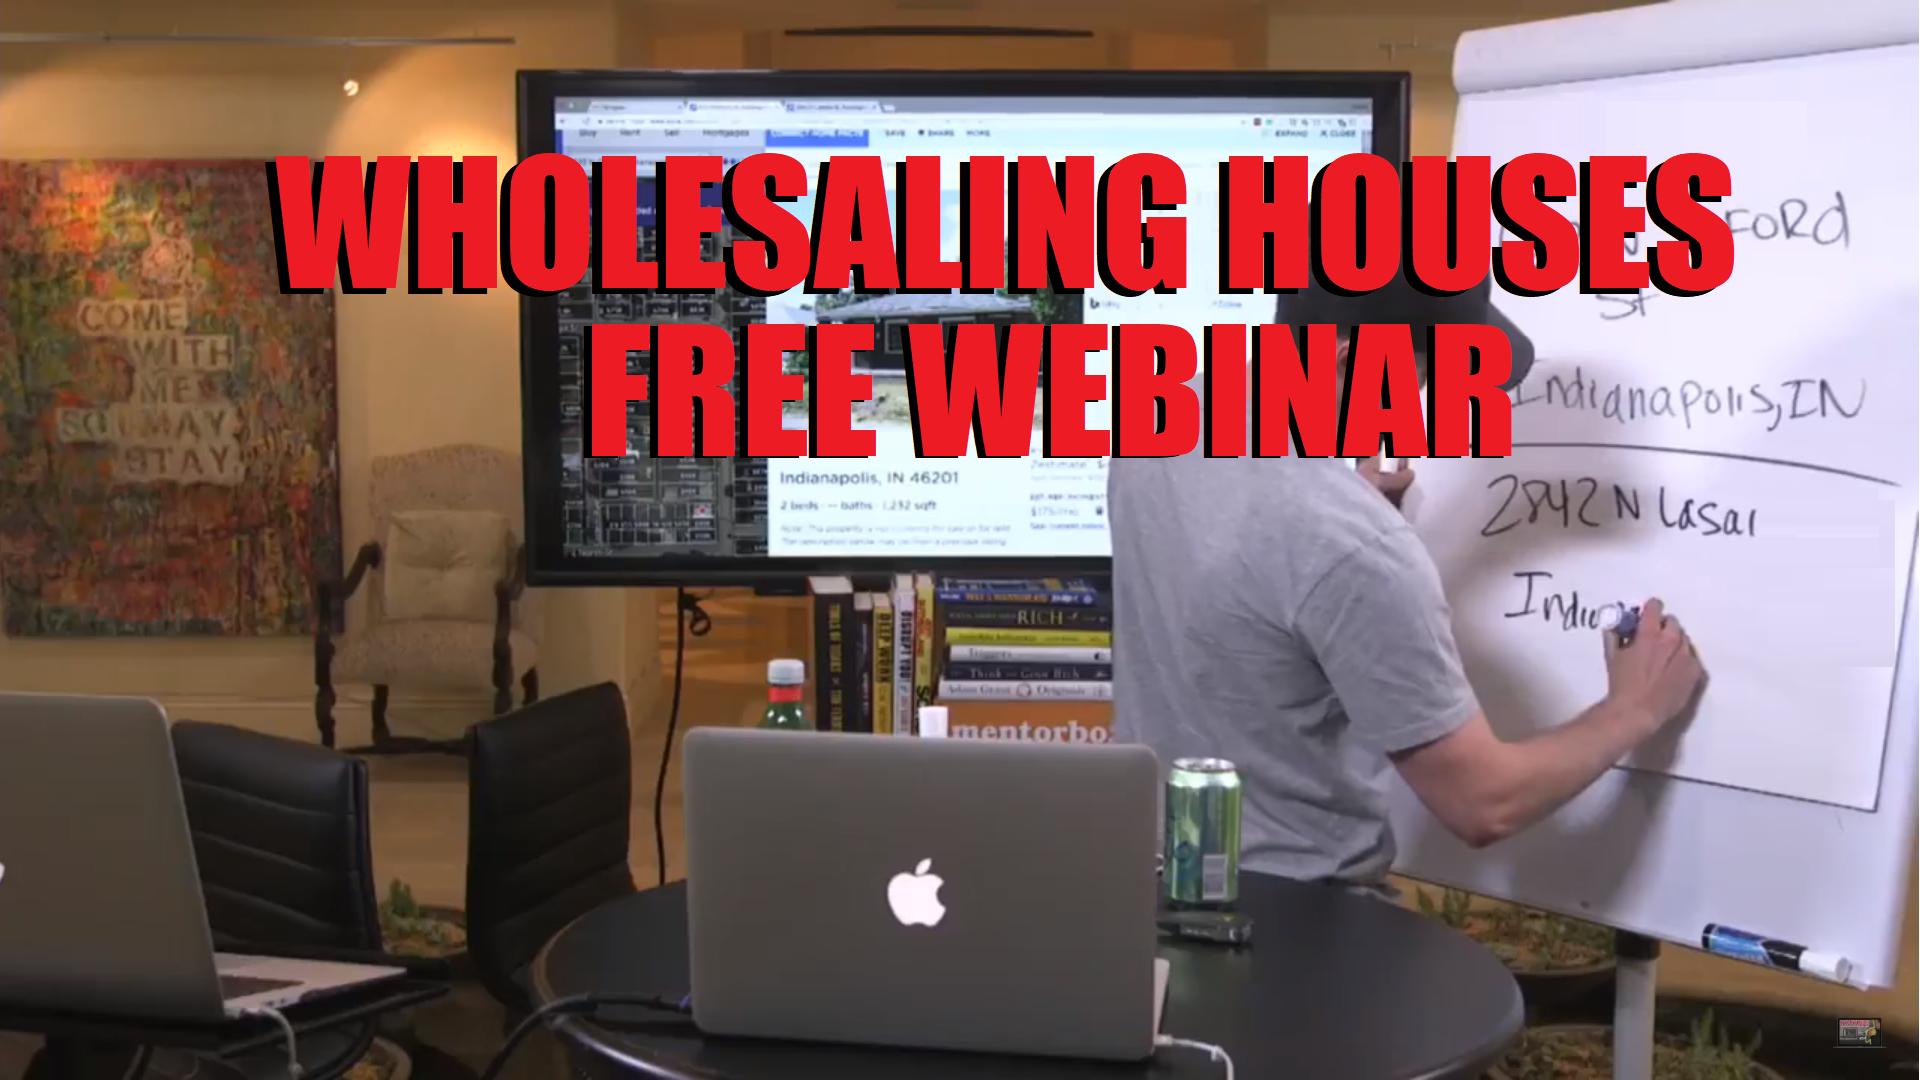 Wholesaling Houses Webinar Philadelphia PA